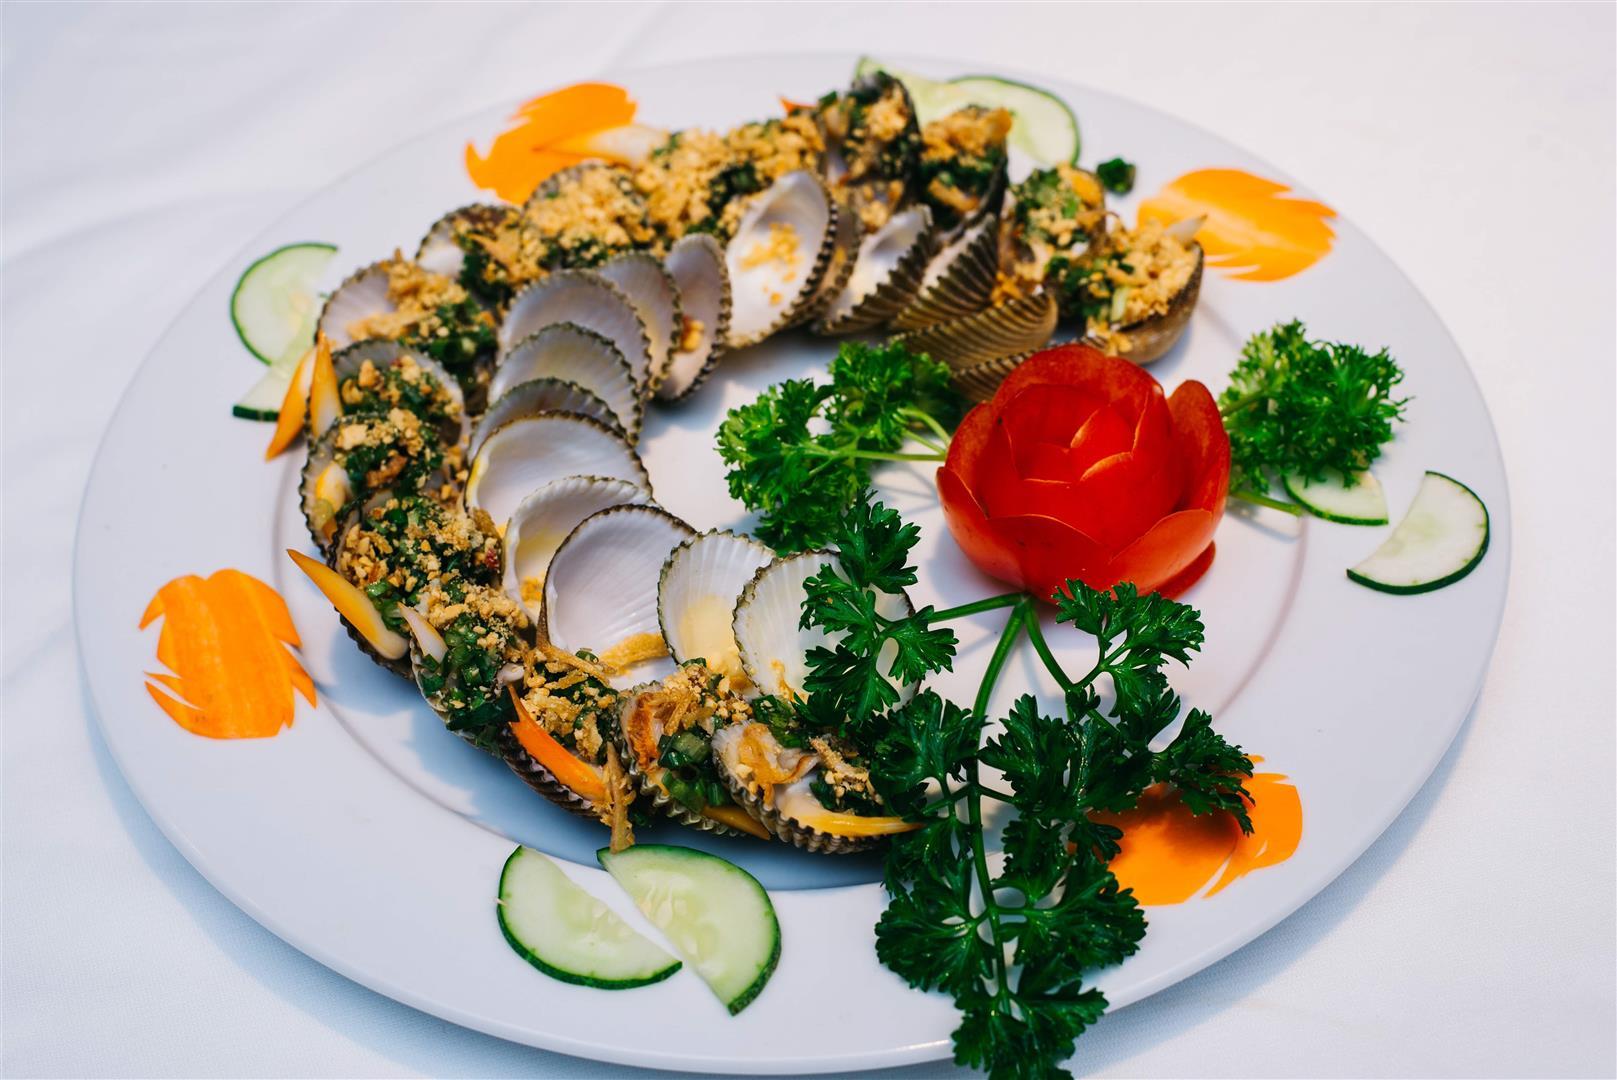 Sò Dương Nướng Mỡ Hành / Seashell Grilled with onion and oil